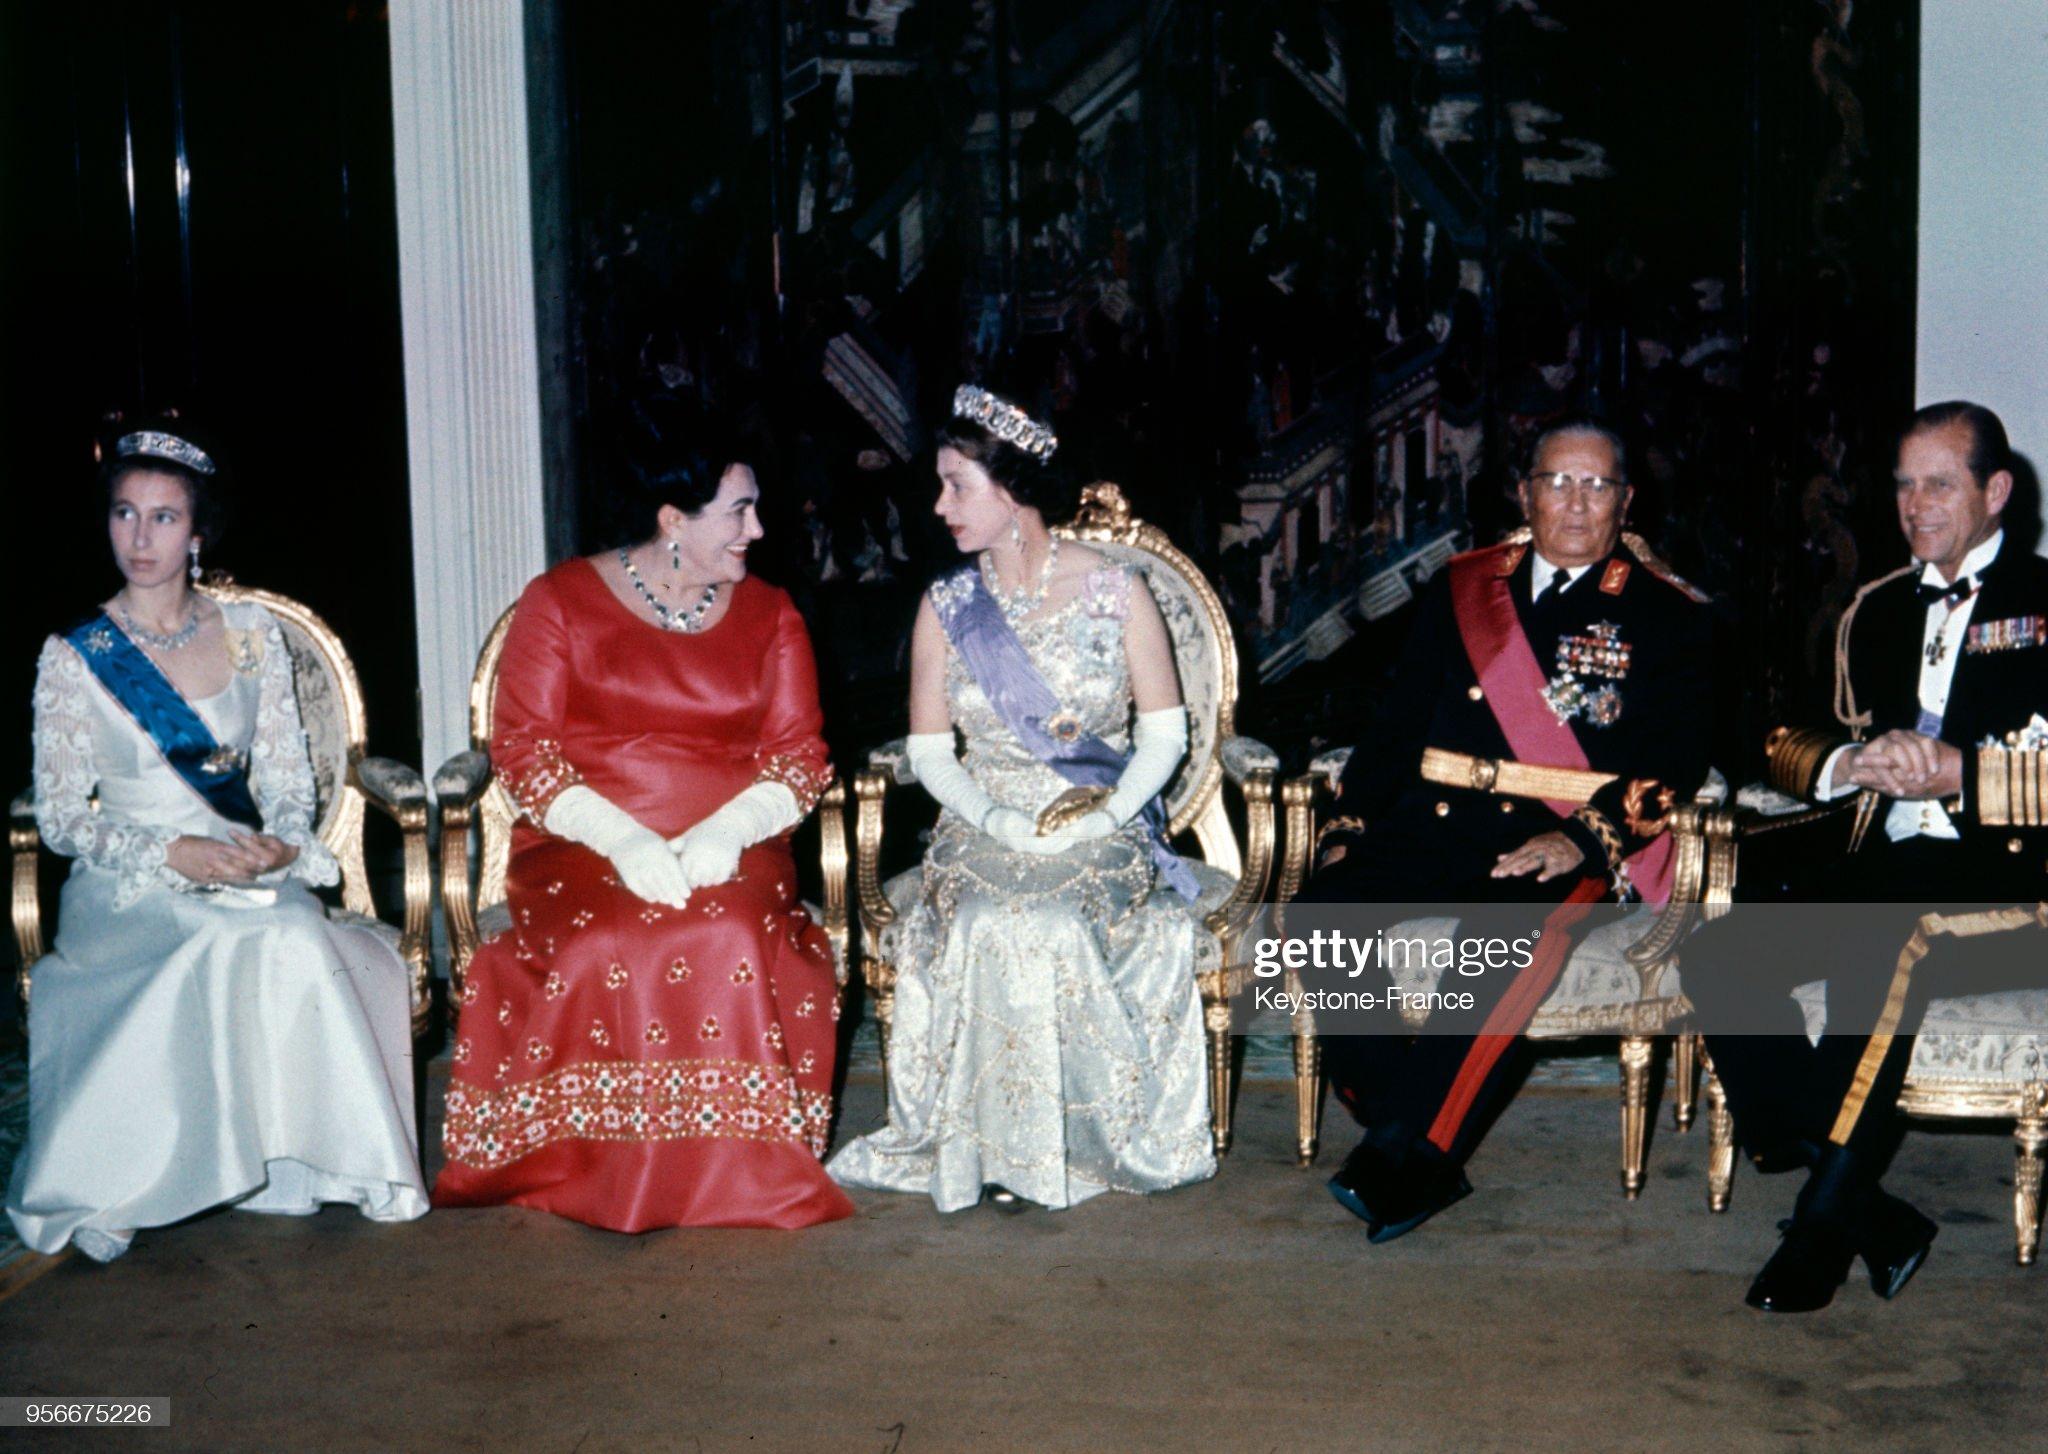 Visite de la reine d'Angleterre en Yougoslavie : News Photo